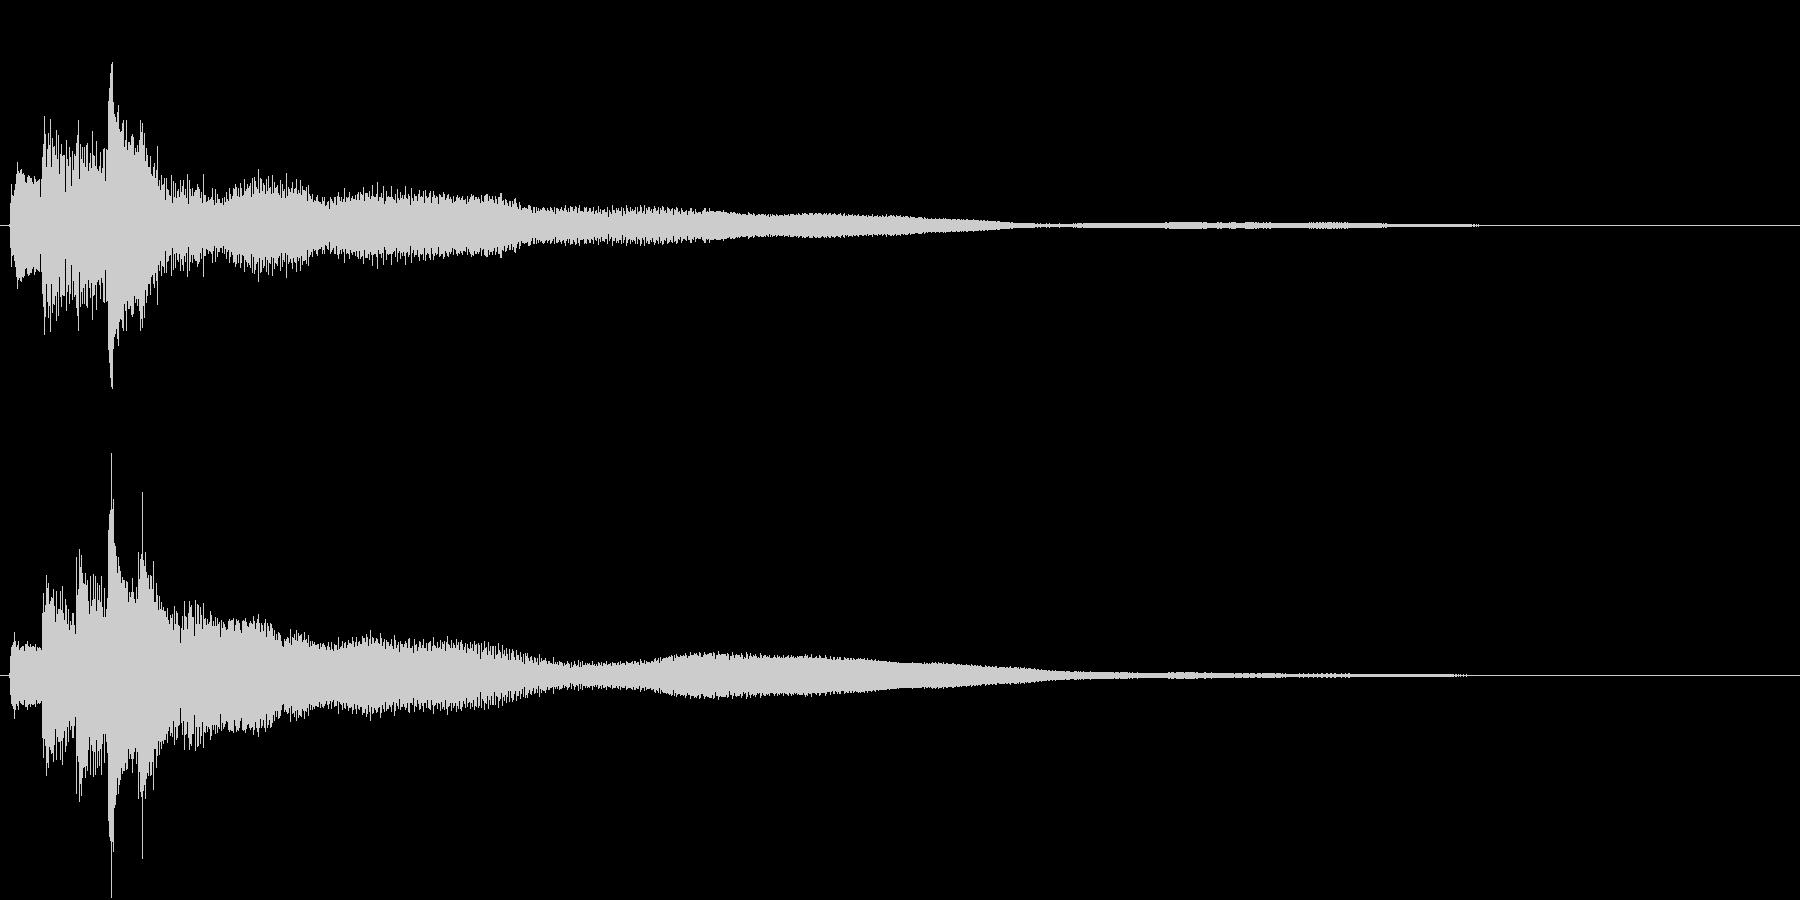 シンプルなピアノジングル02(ショート)の未再生の波形